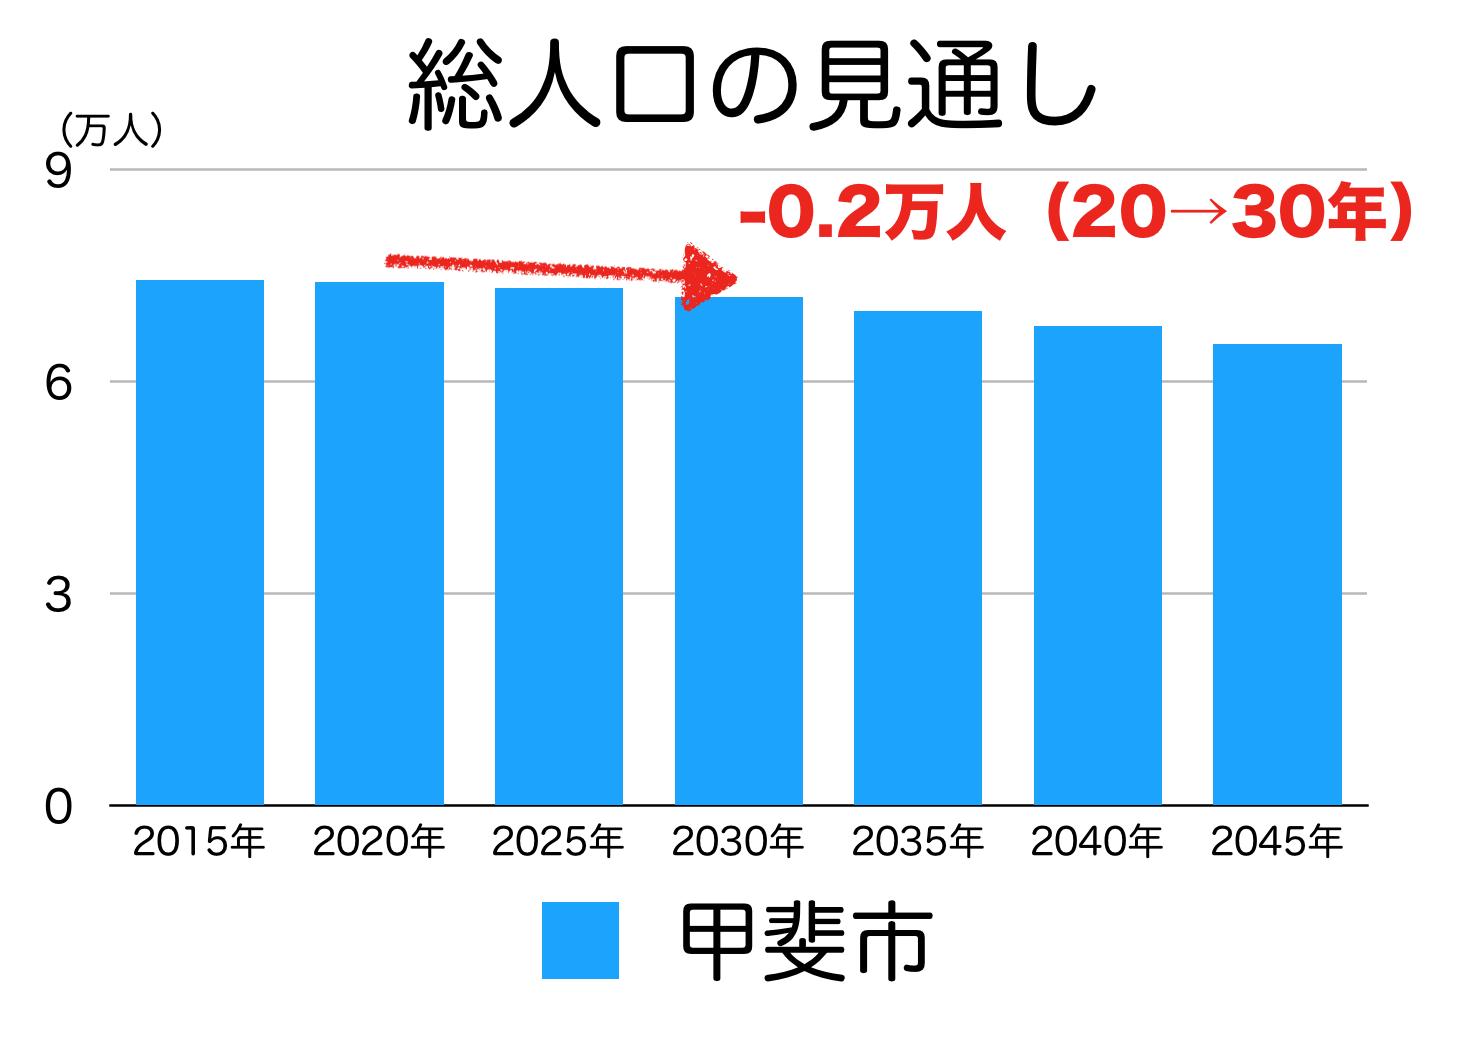 甲斐市の人口予測